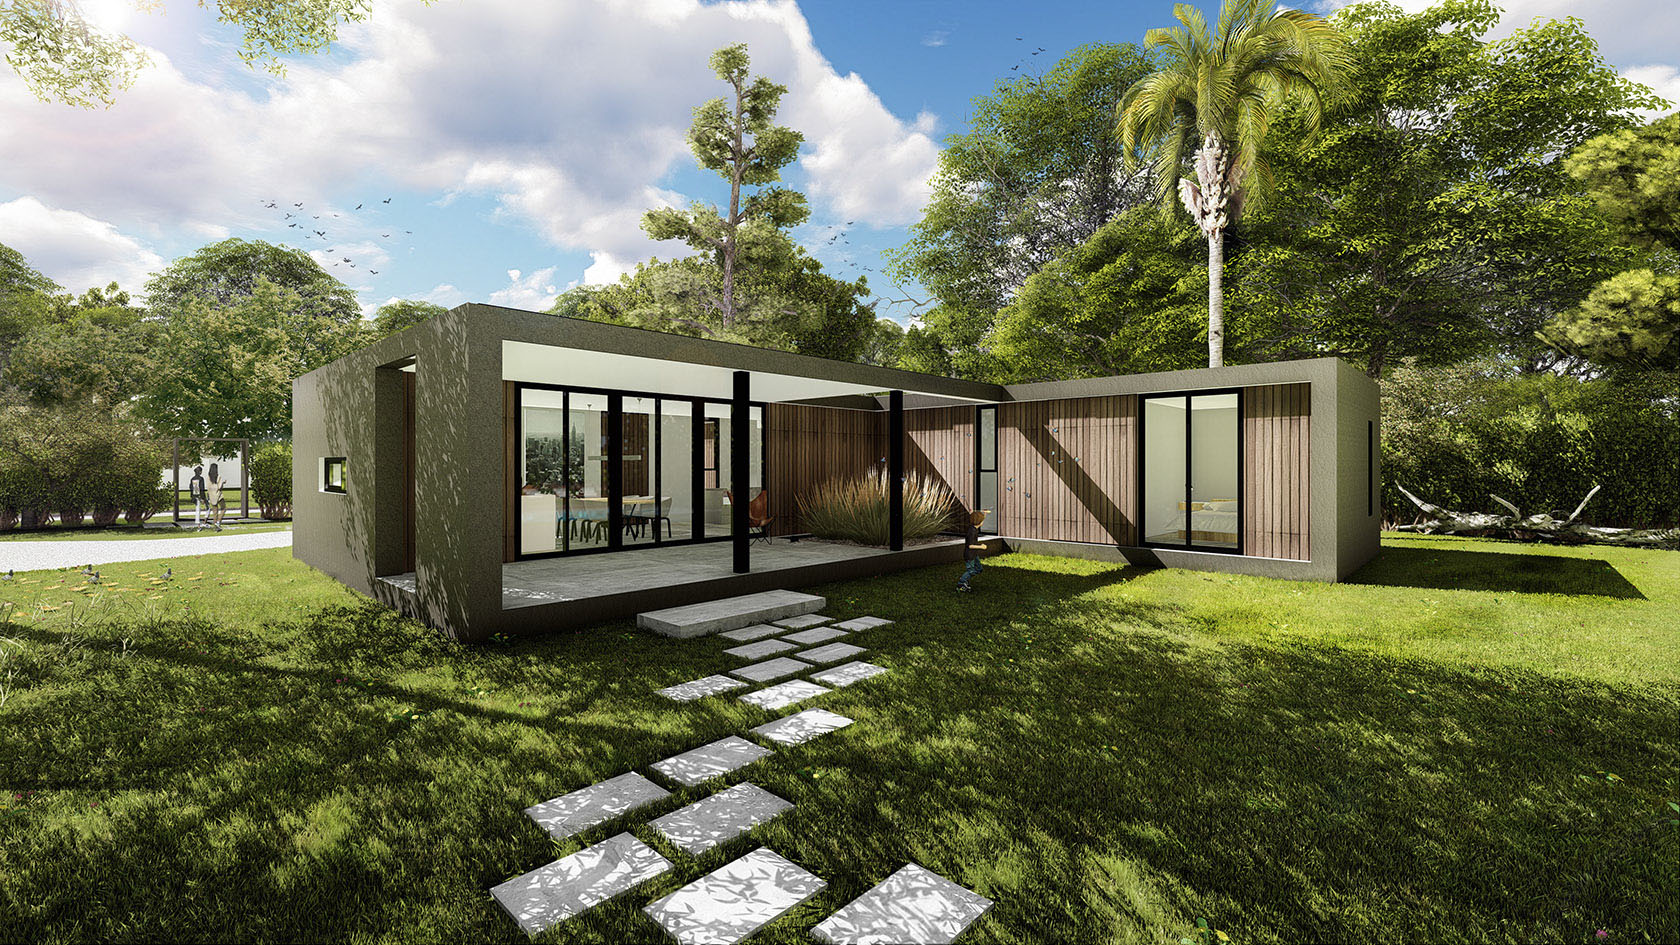 Galerías modernas, casas con revestimiento en madera , arquitectura y paisaje